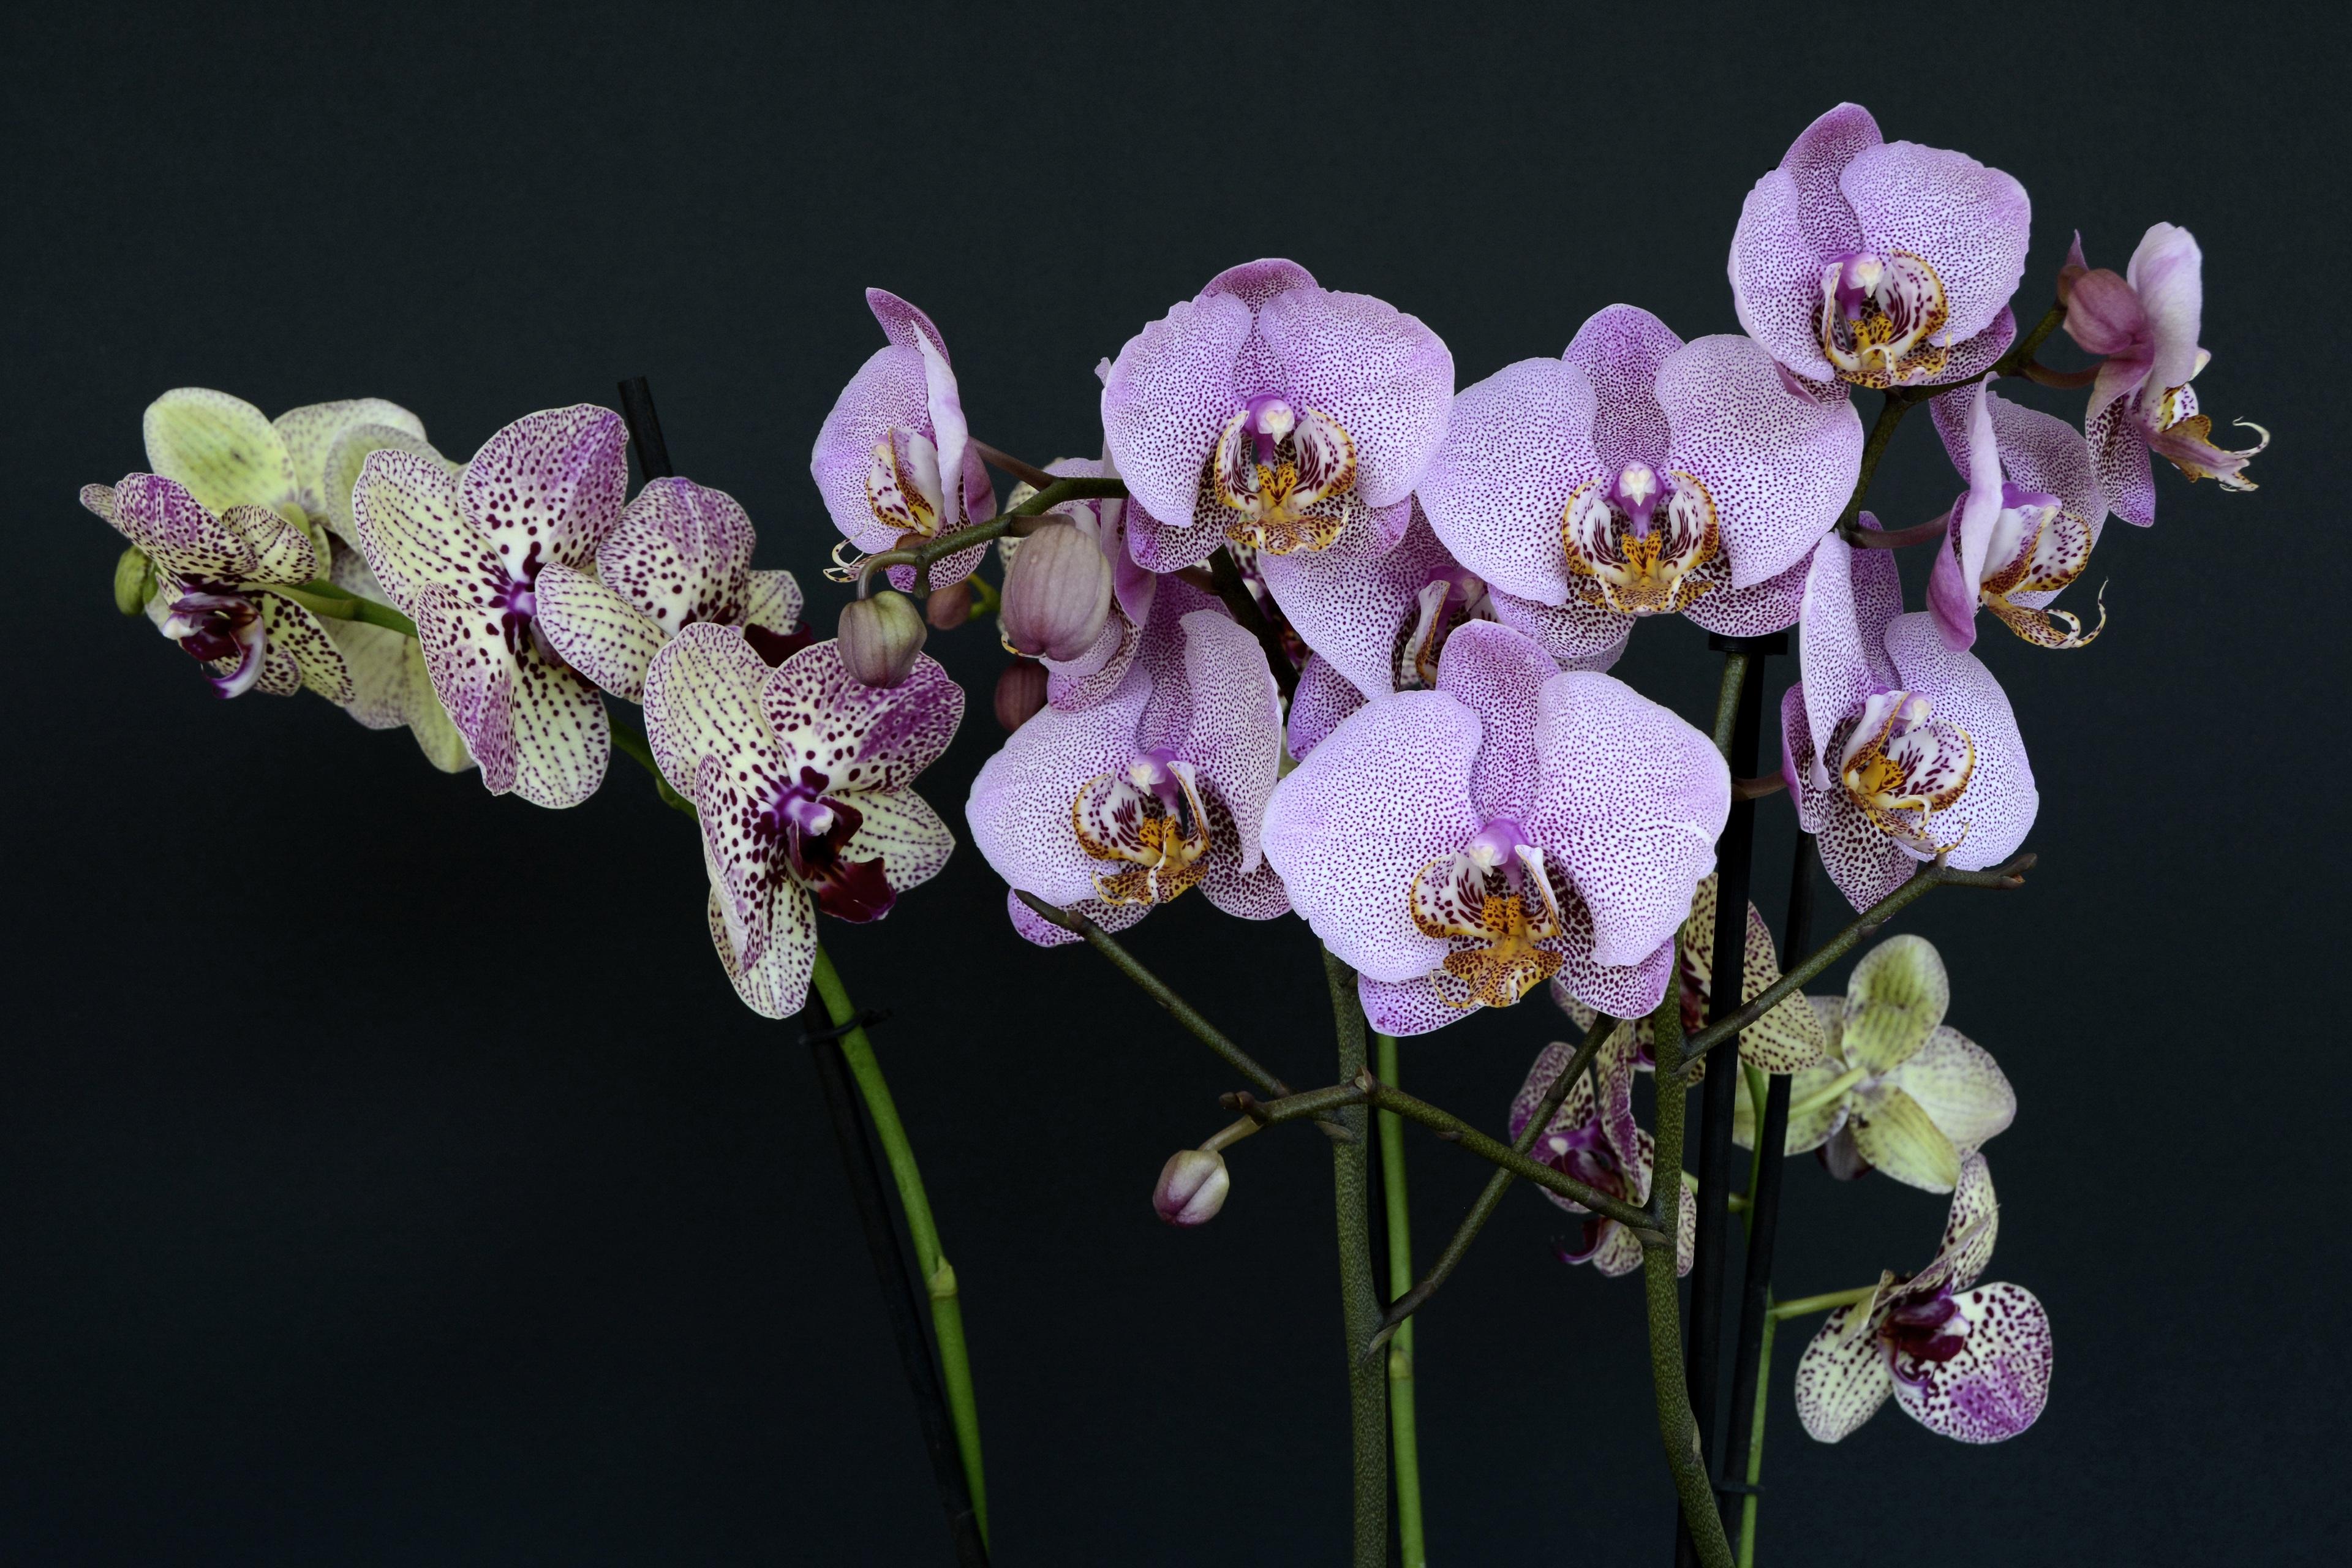 будет оригинальные фото орхидей своих работах